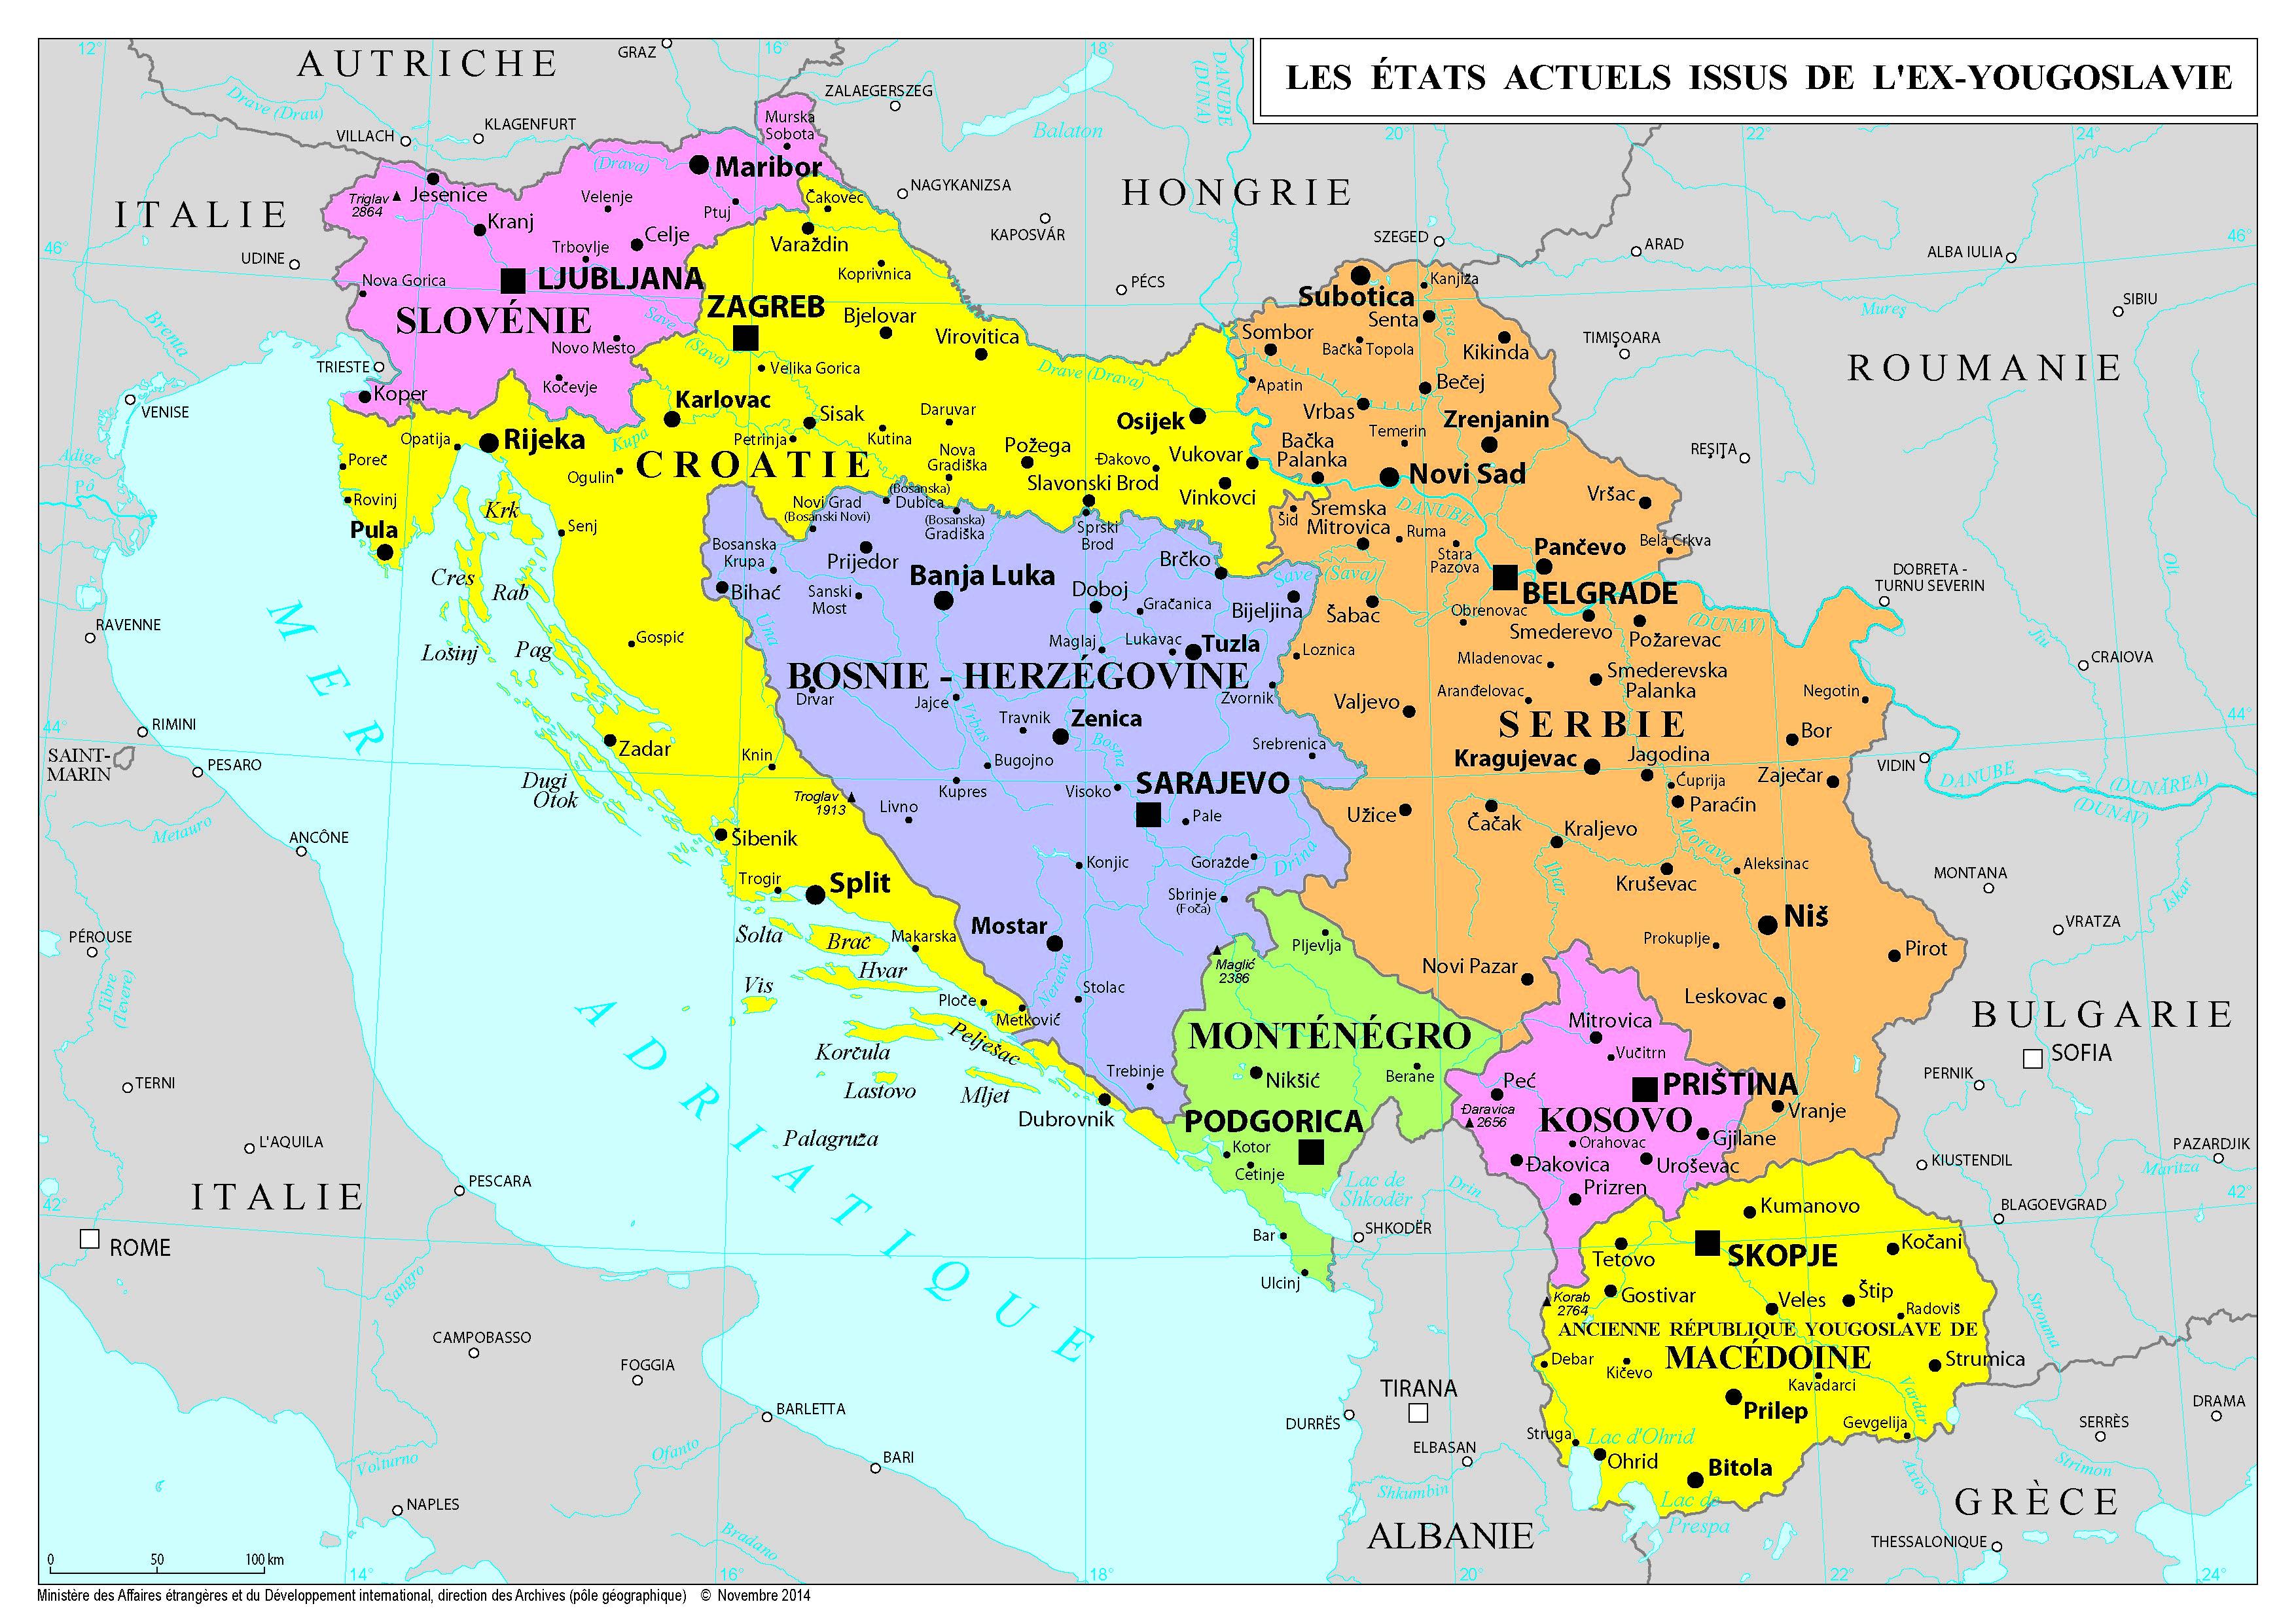 Ex Yougoslavie Carte.Europe Cartes De E A I France Diplomatie Ministere De